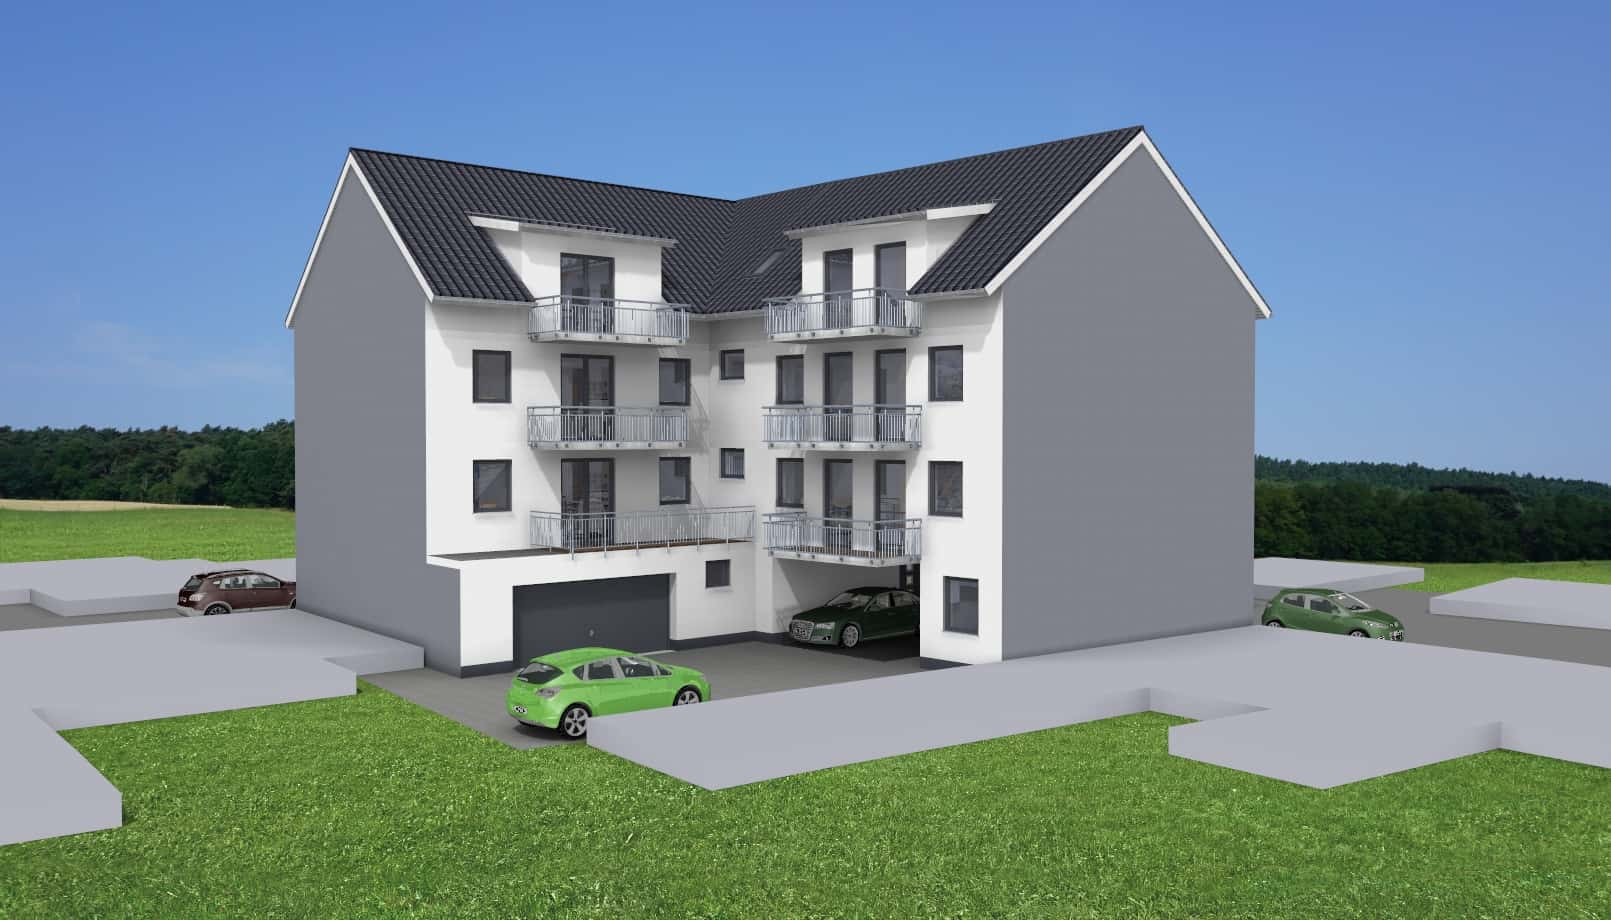 Wohnungseigentum in 36404 Vacha, Schulstraße 44